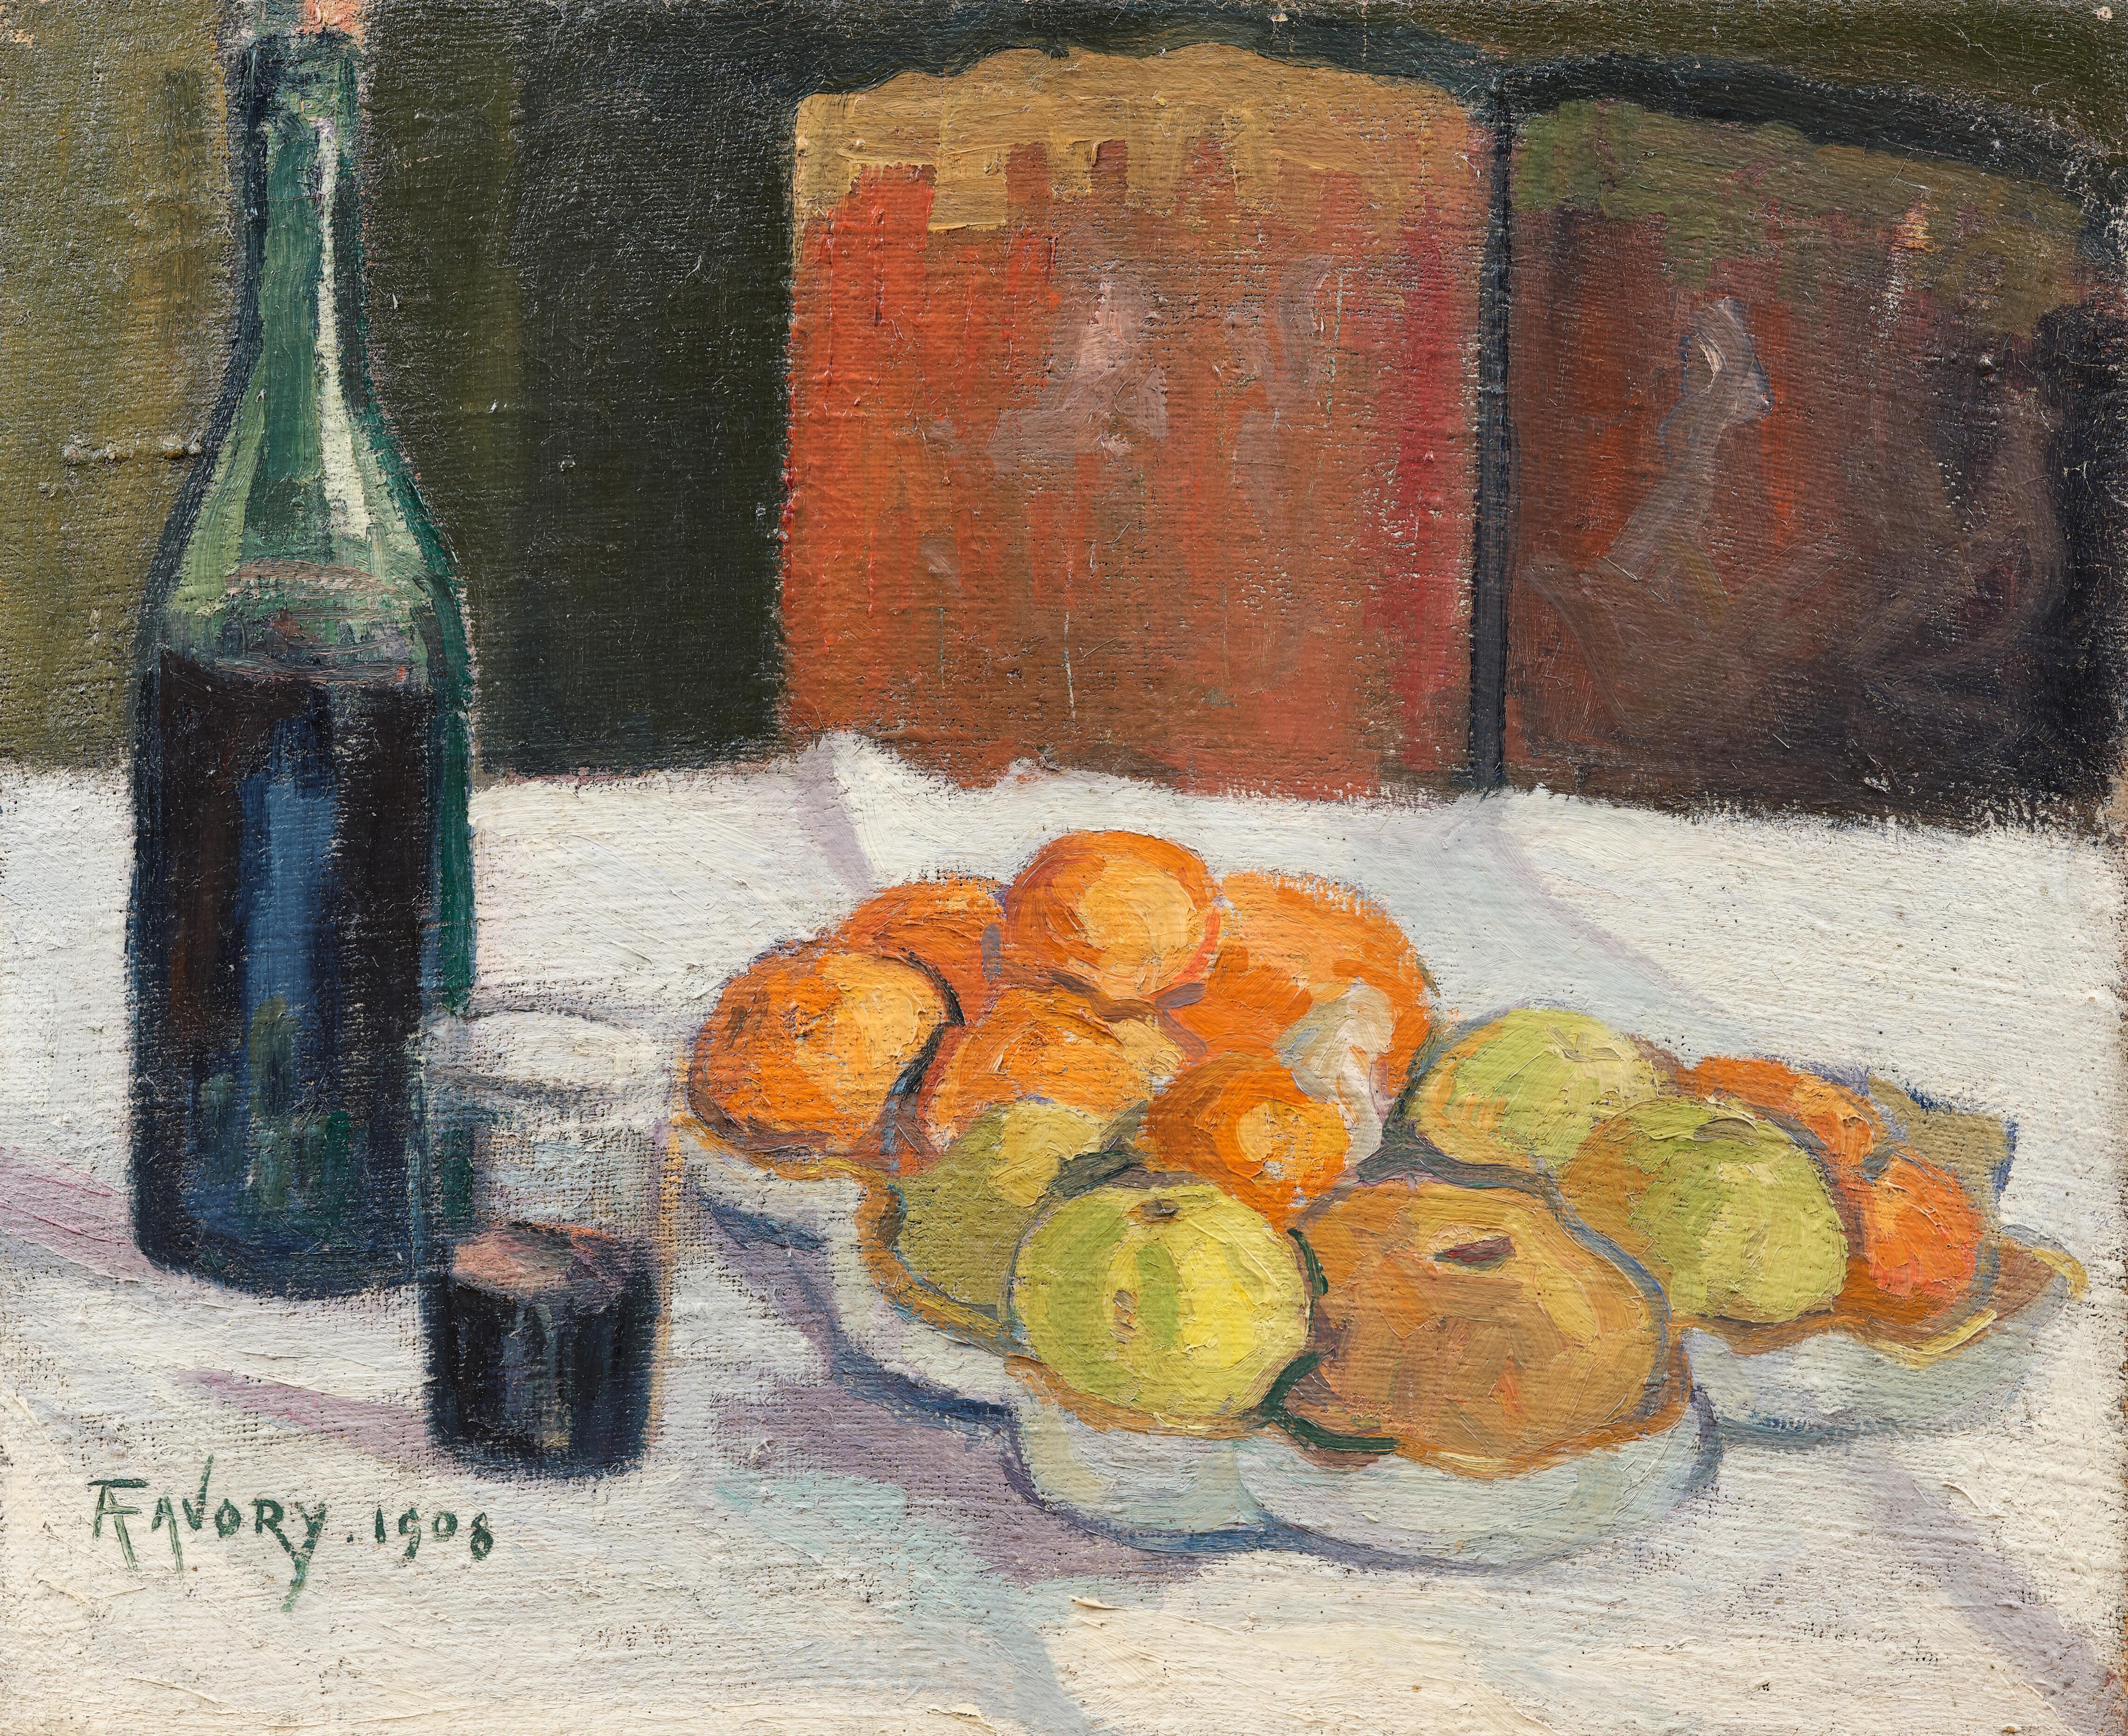 Nature morte à la bouteille et aux fruits - tableau de André Favory, vendu par la galerie Marek & Sons